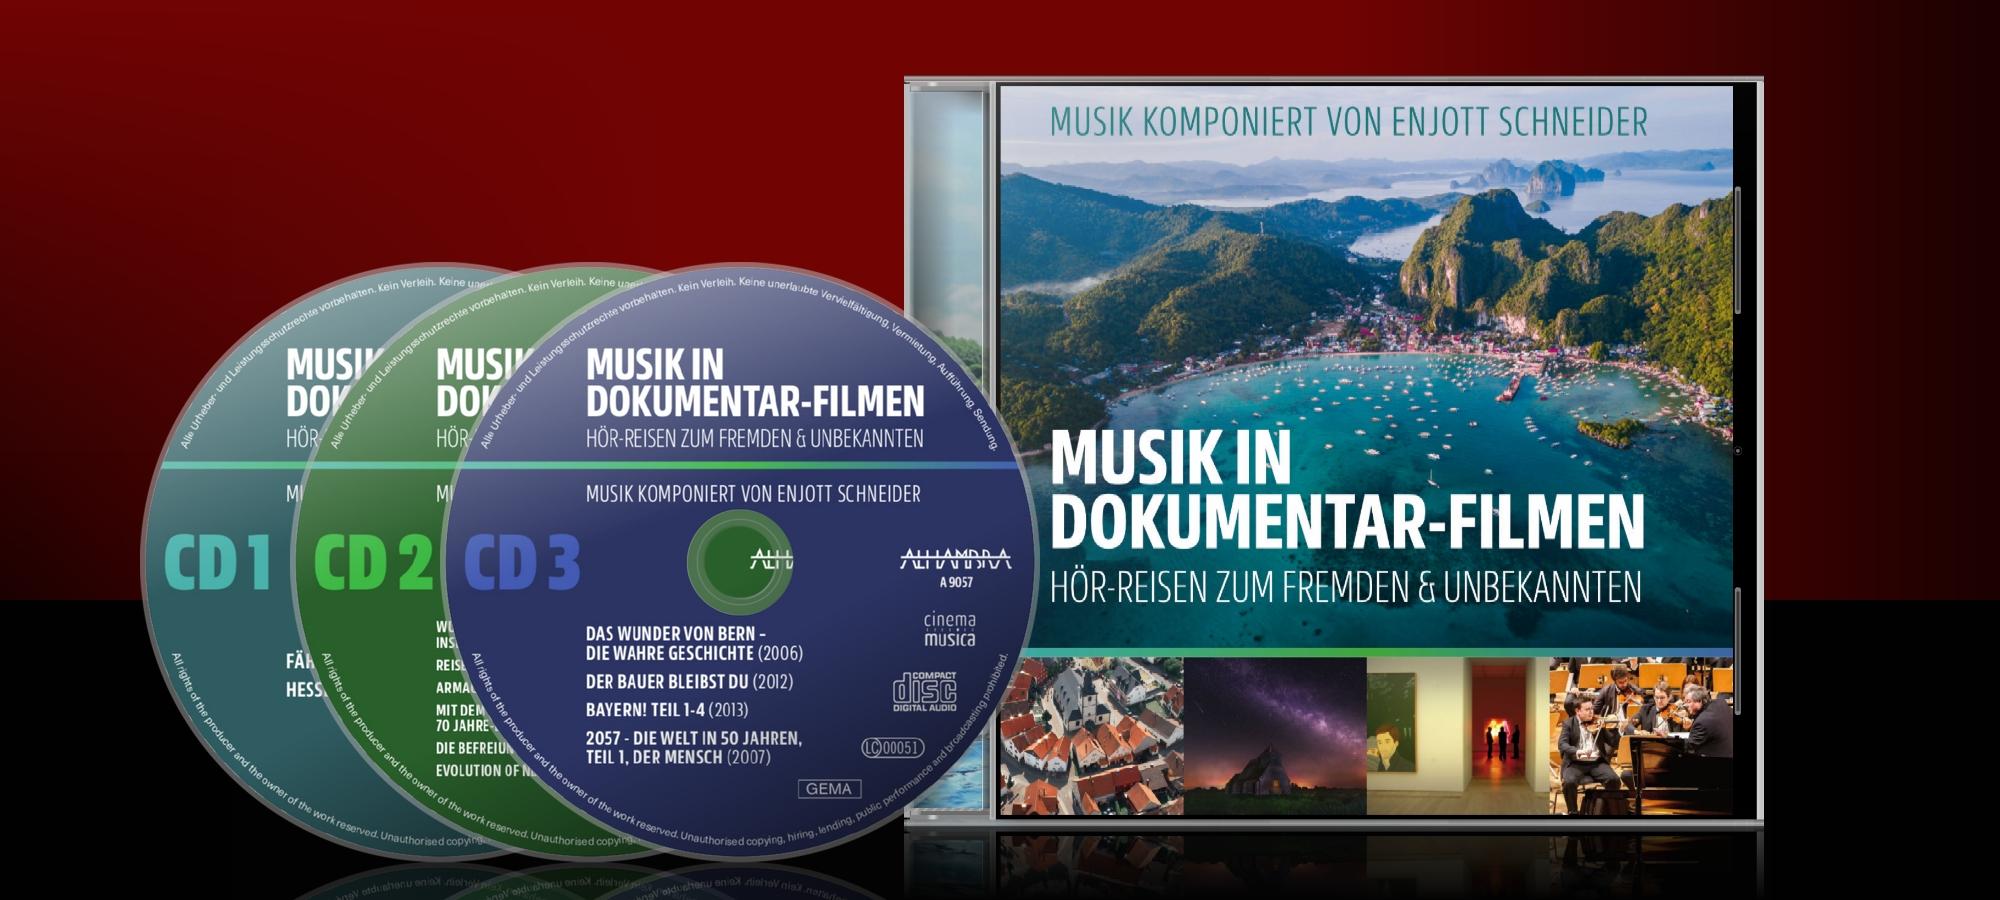 Enjott Schneider – Musik in Dokumentar-Filmen